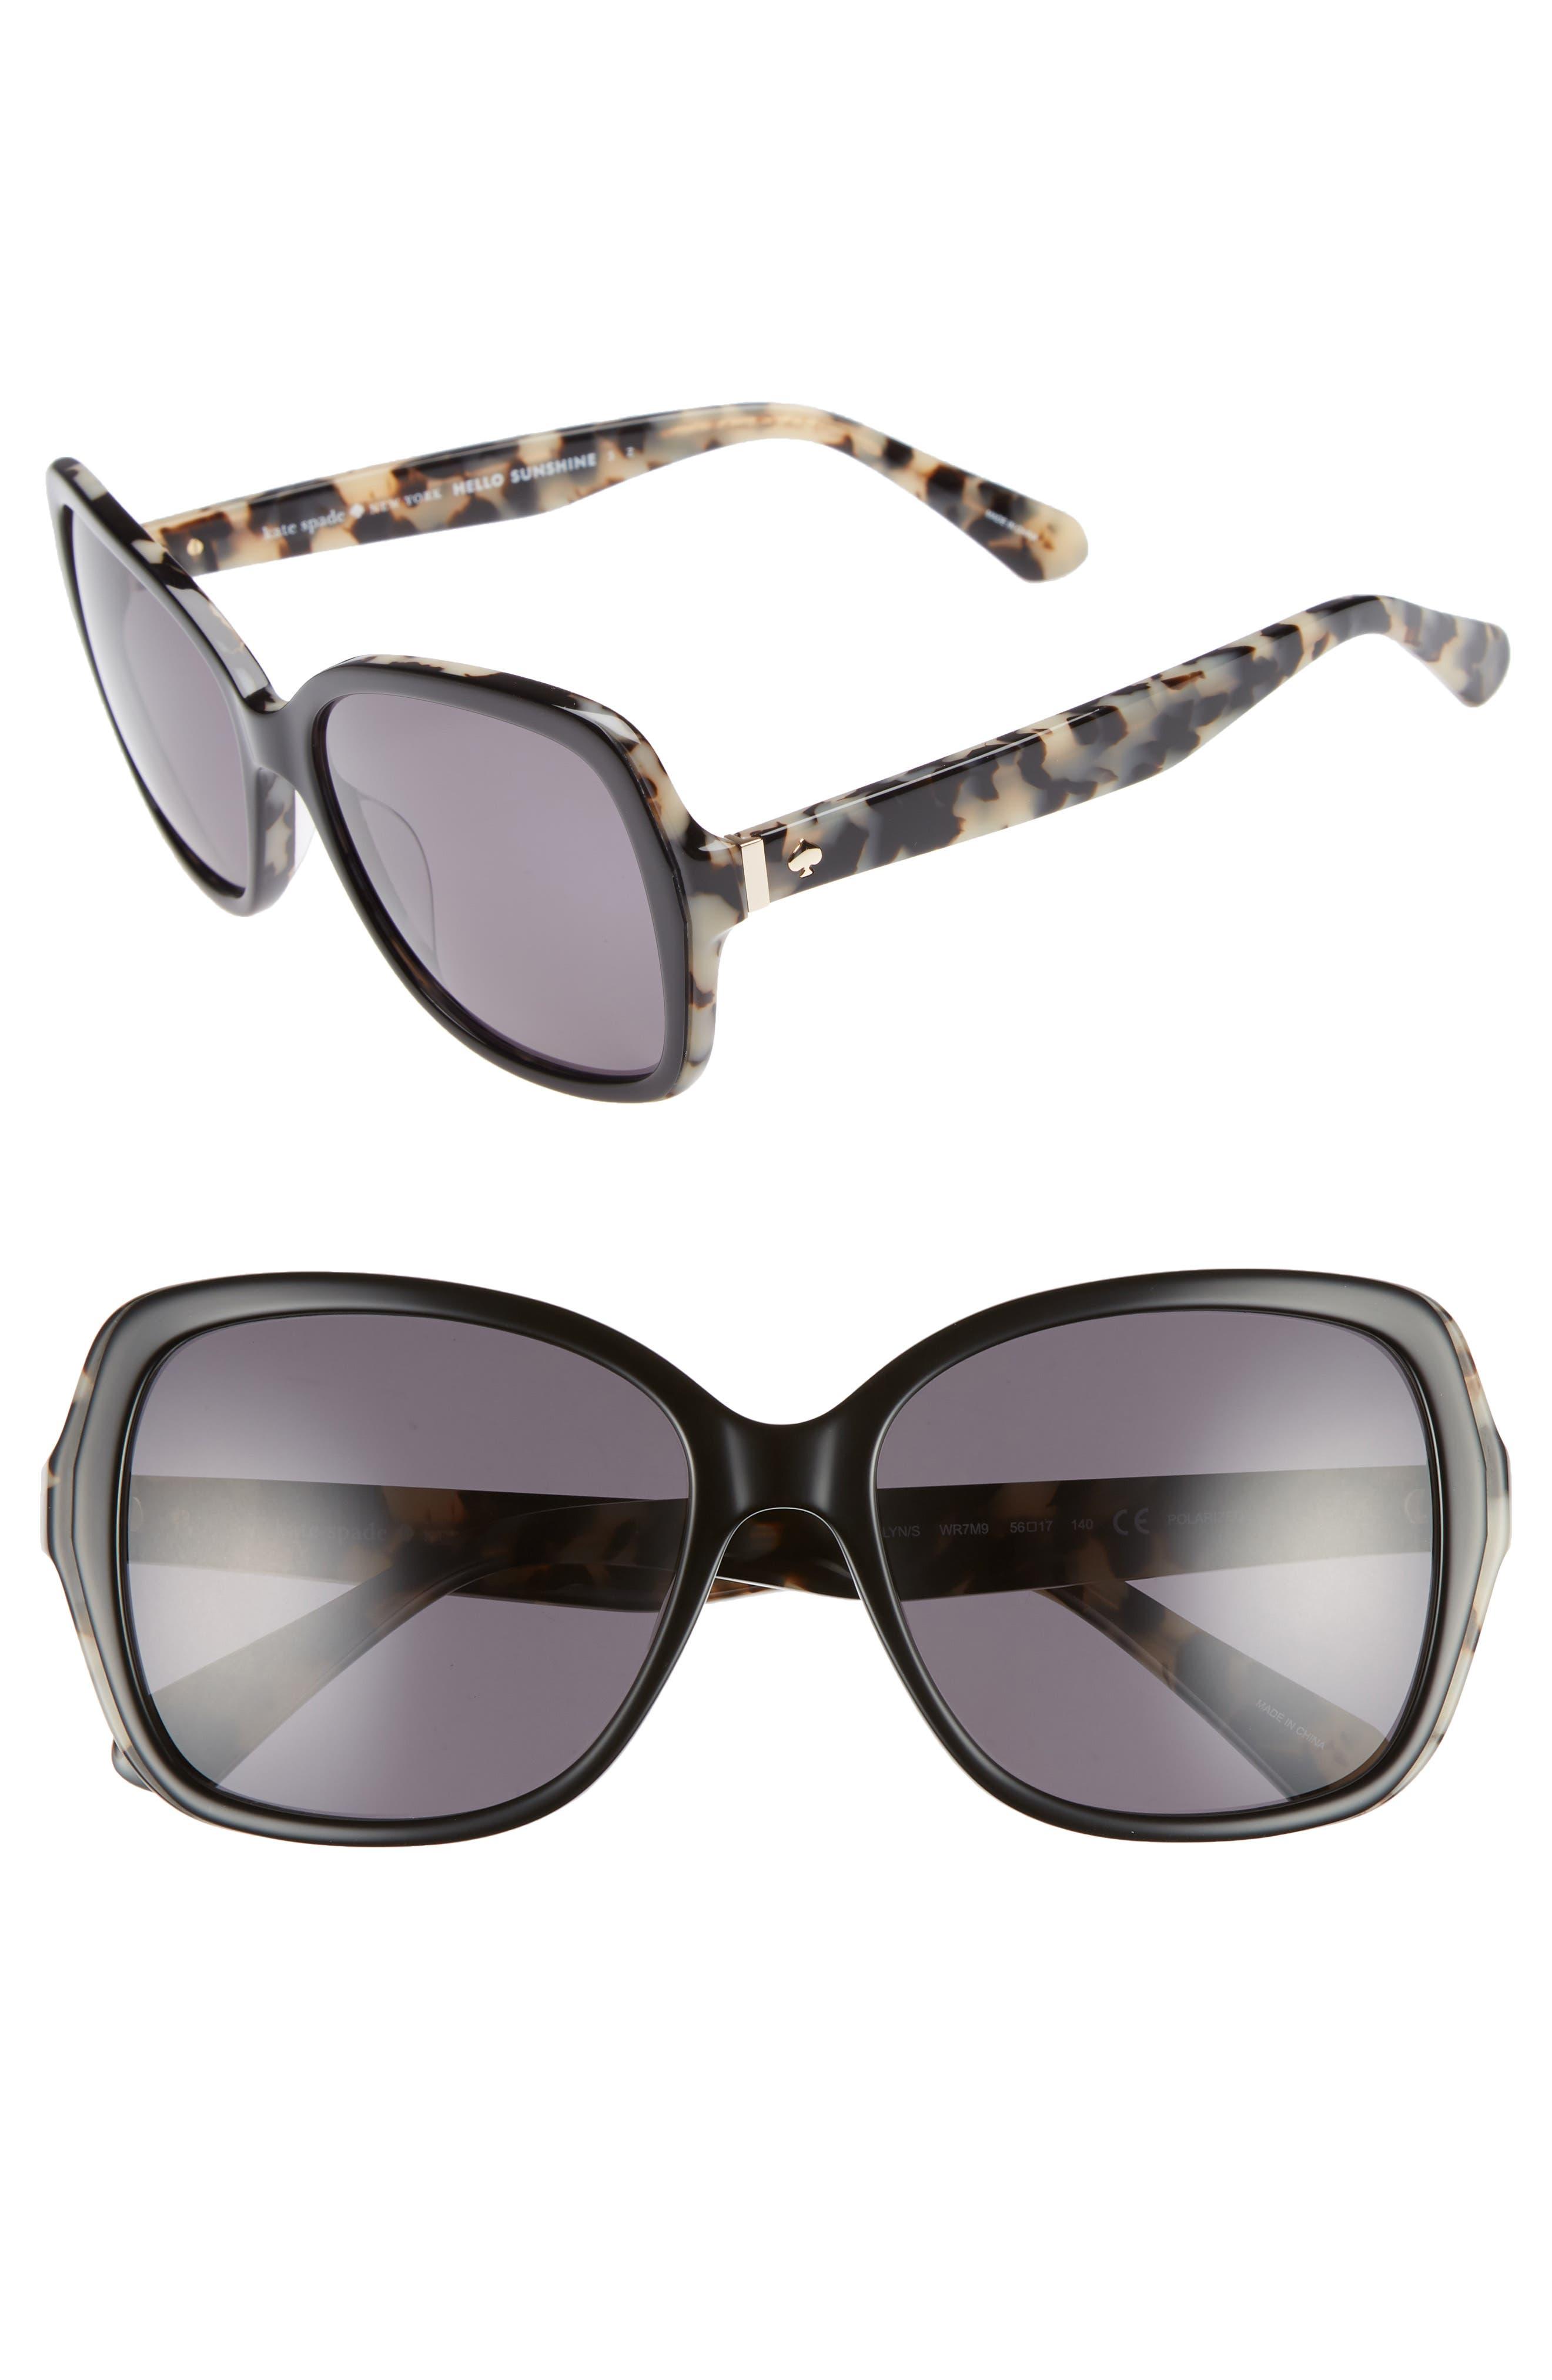 kate spade new york karalyns 56mm oversized sunglasses